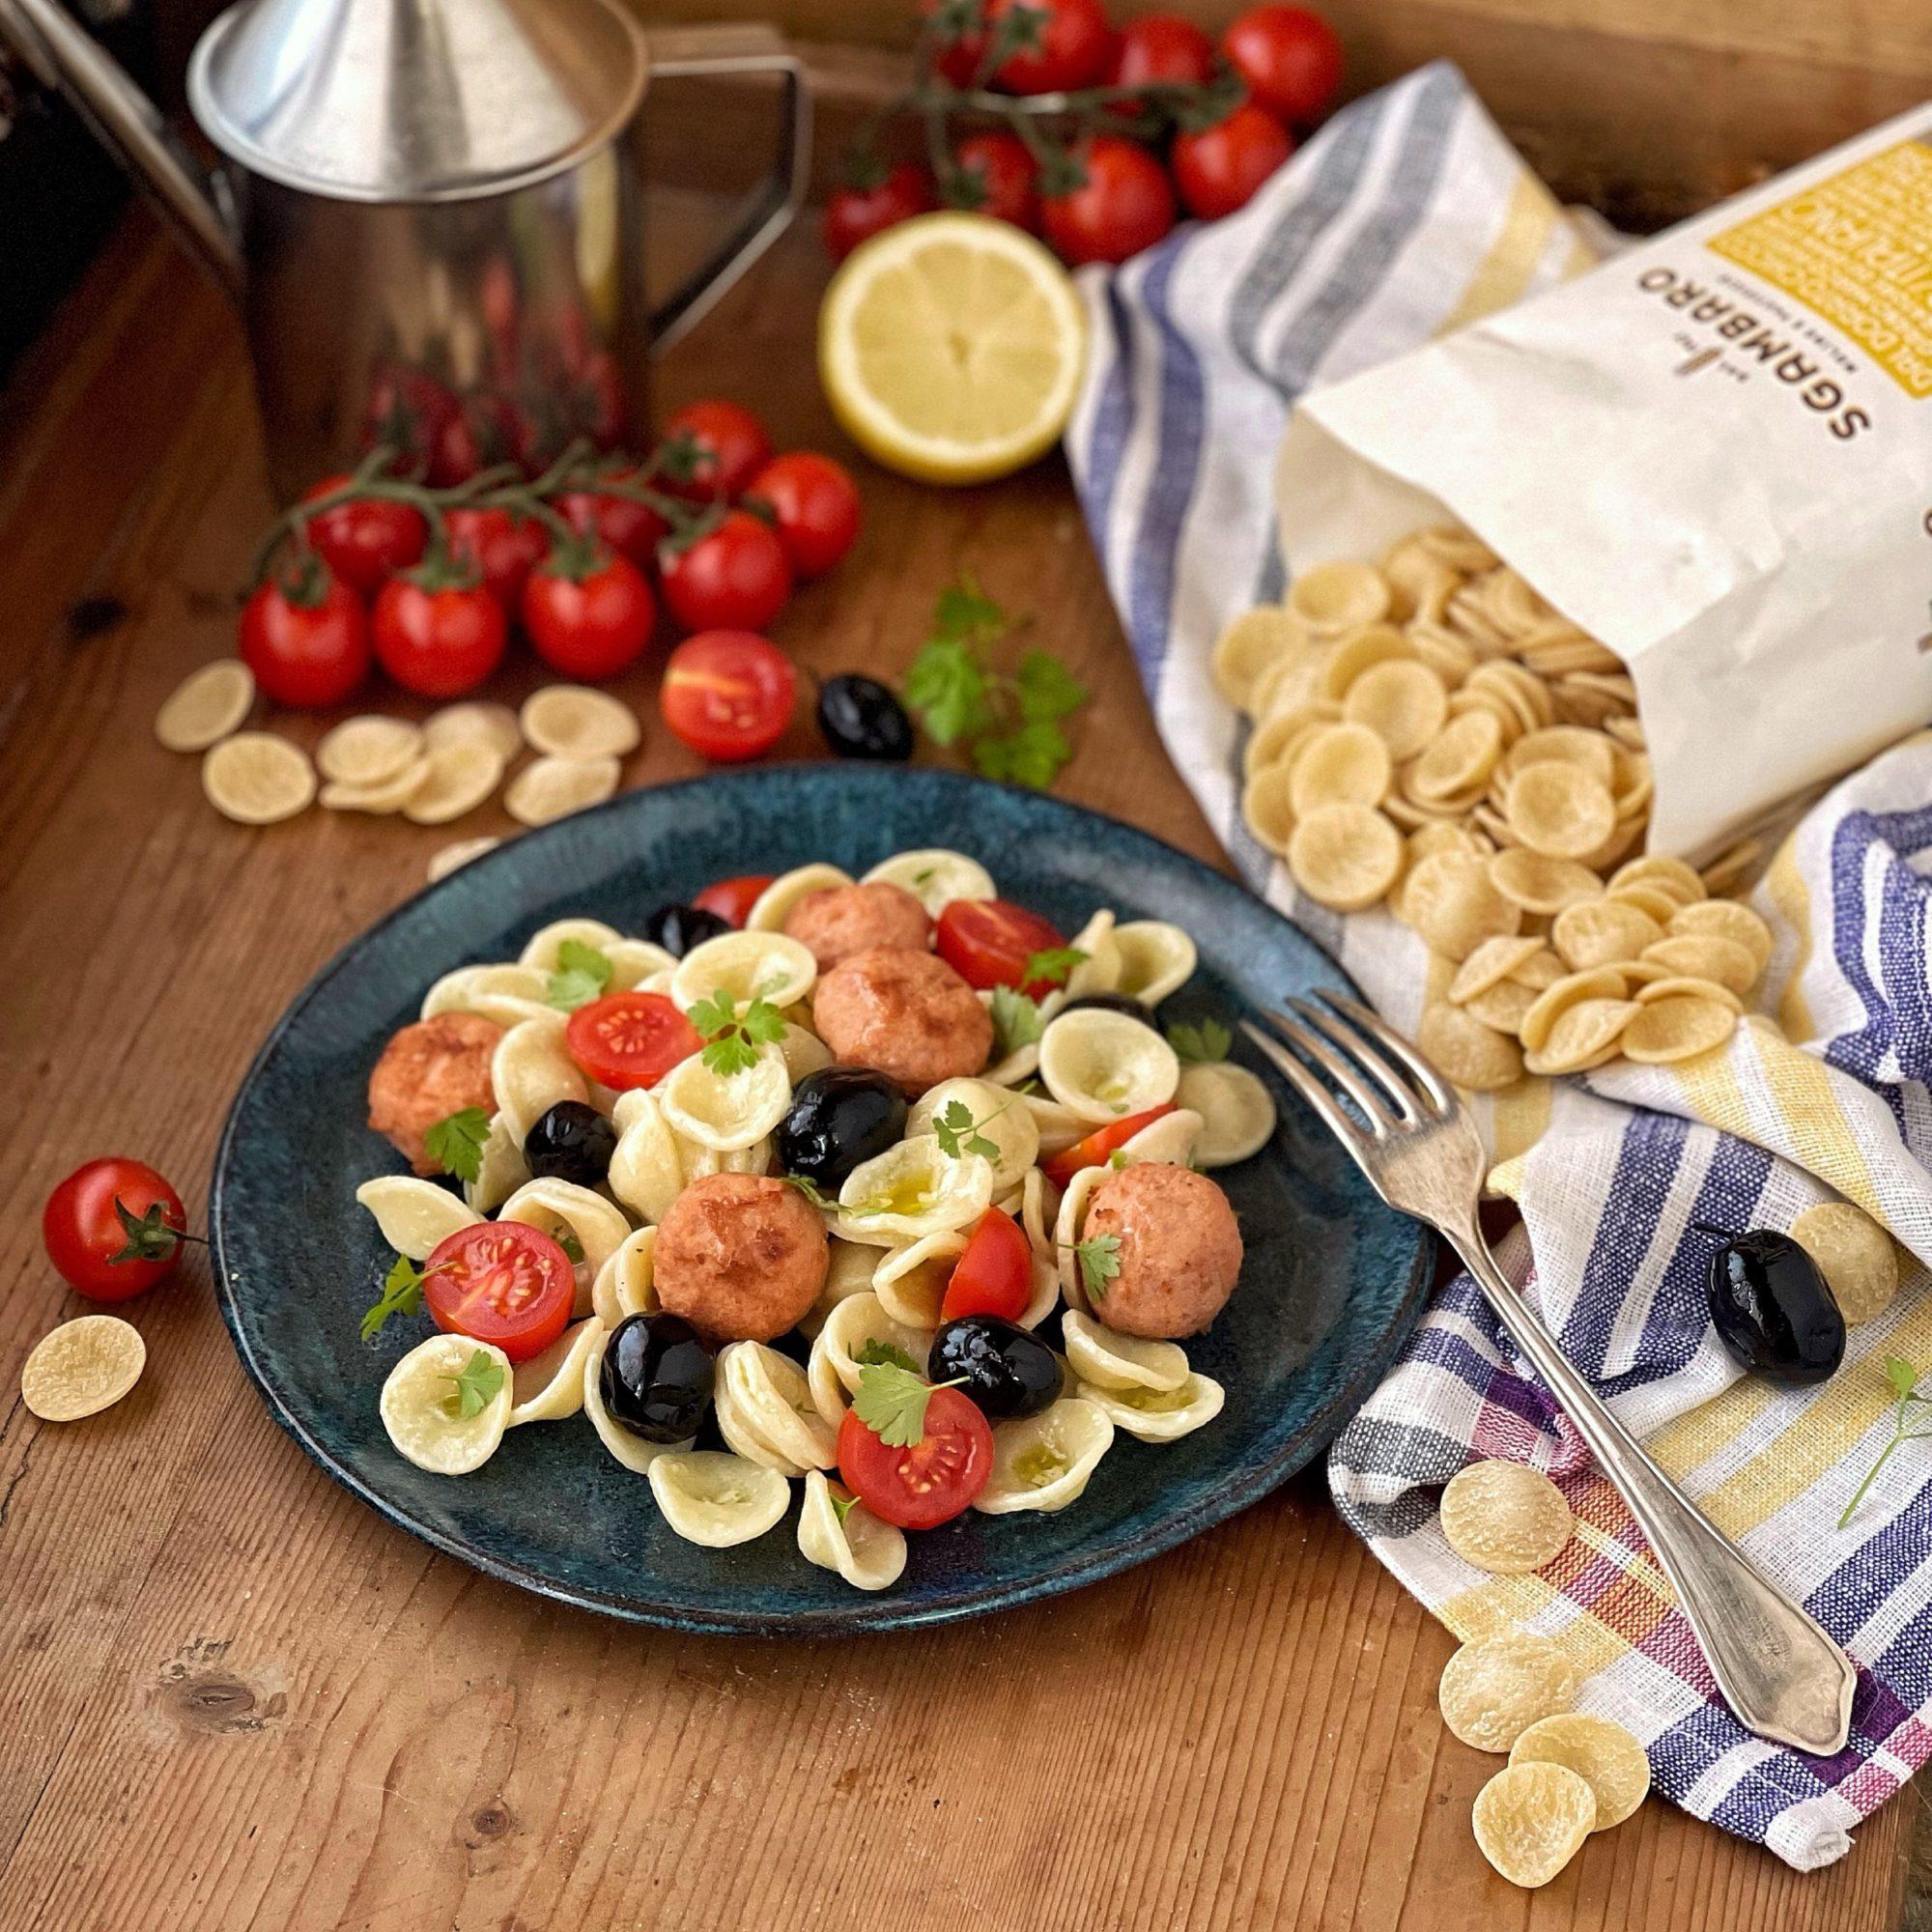 Insalata di pasta : orecchiette al limone con polpette di tonno